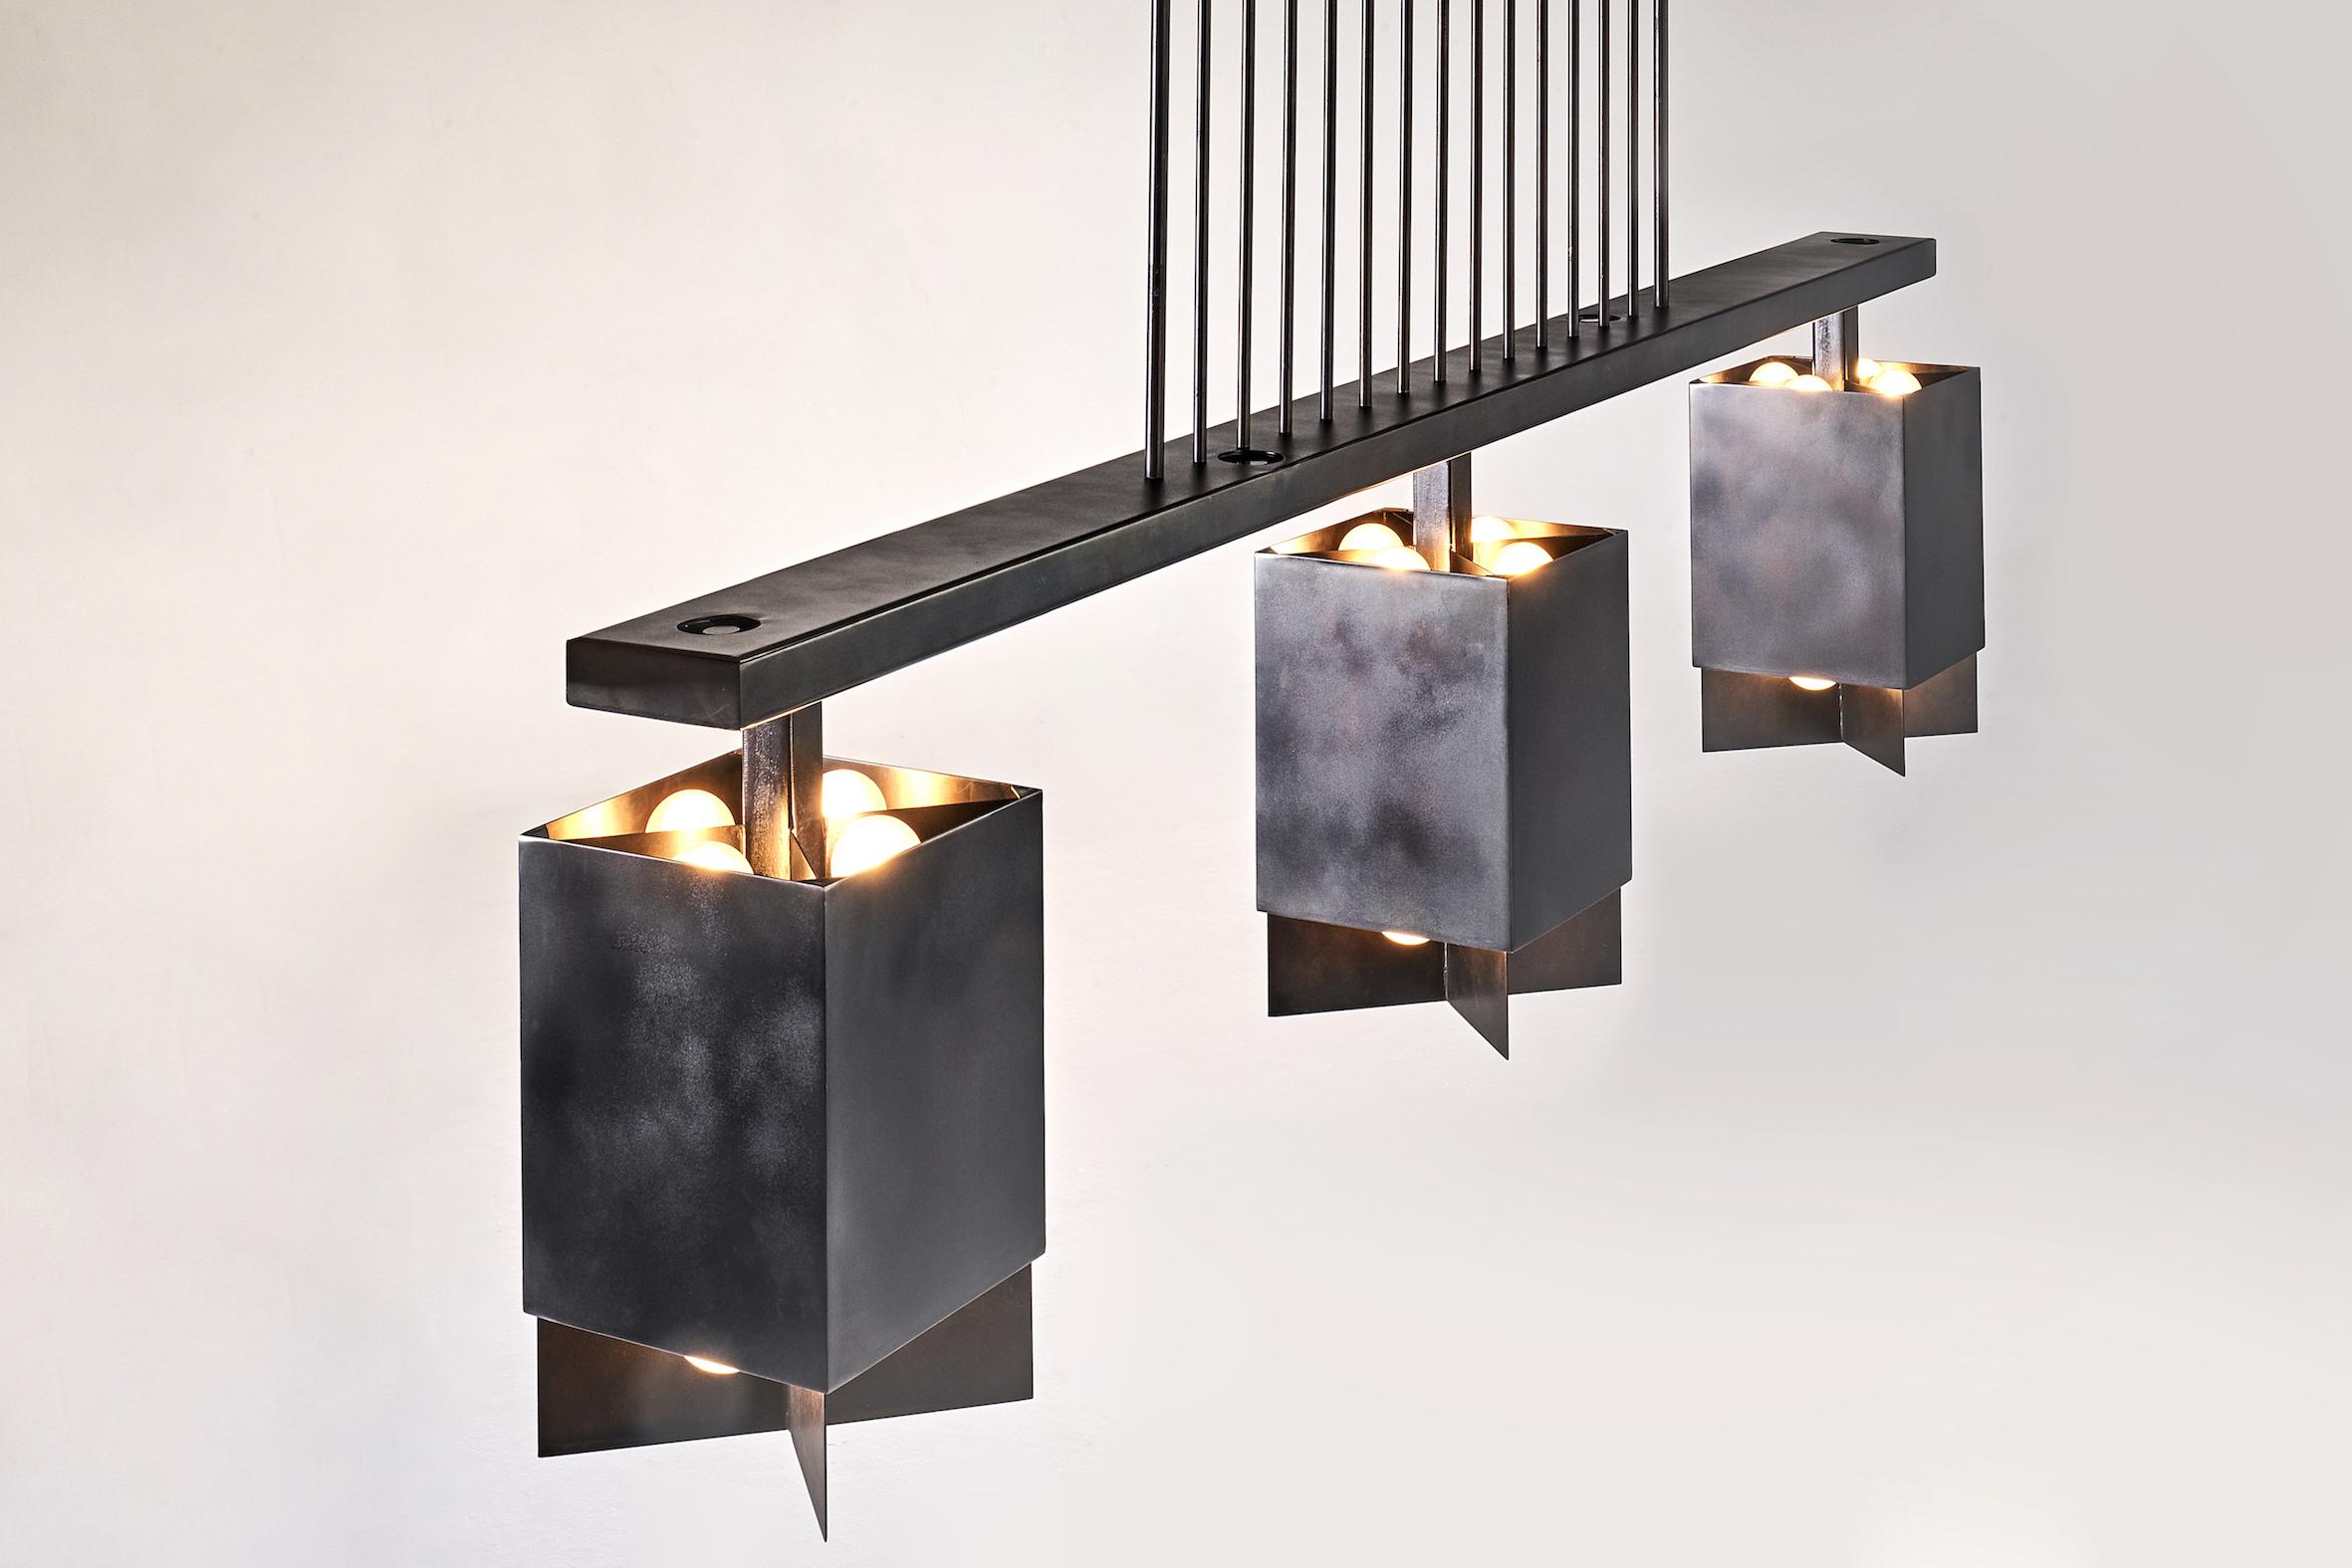 Nader-Gammas-Lighting-Design-Wind Triple-Top.jpg